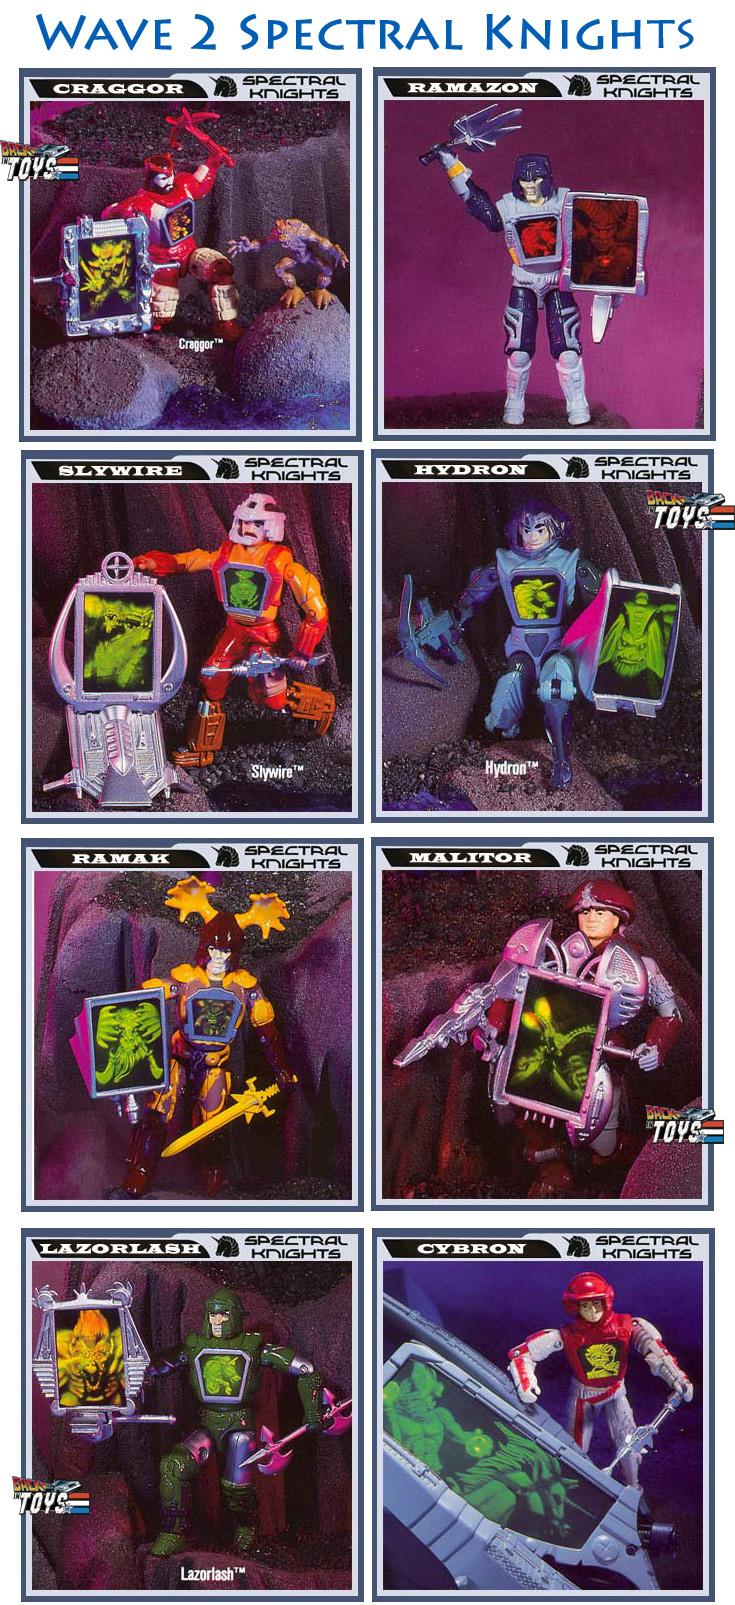 VISIONARIES (Hasbro) 1987 - Page 2 Nby2